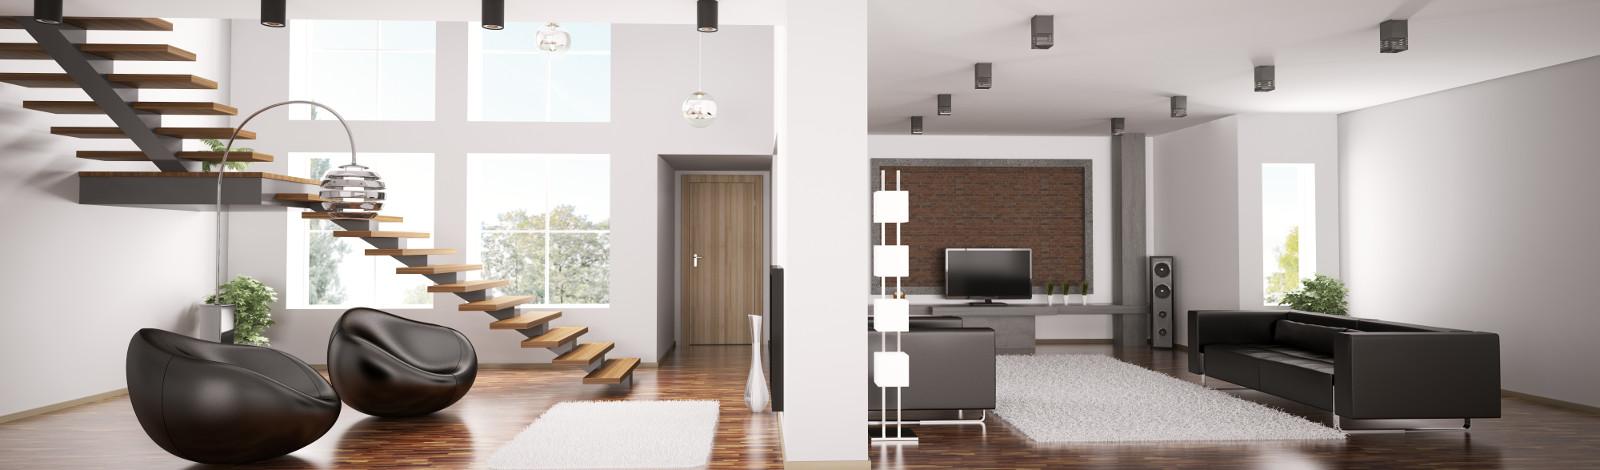 vente-apartement-diagnostic-immobilier-delais